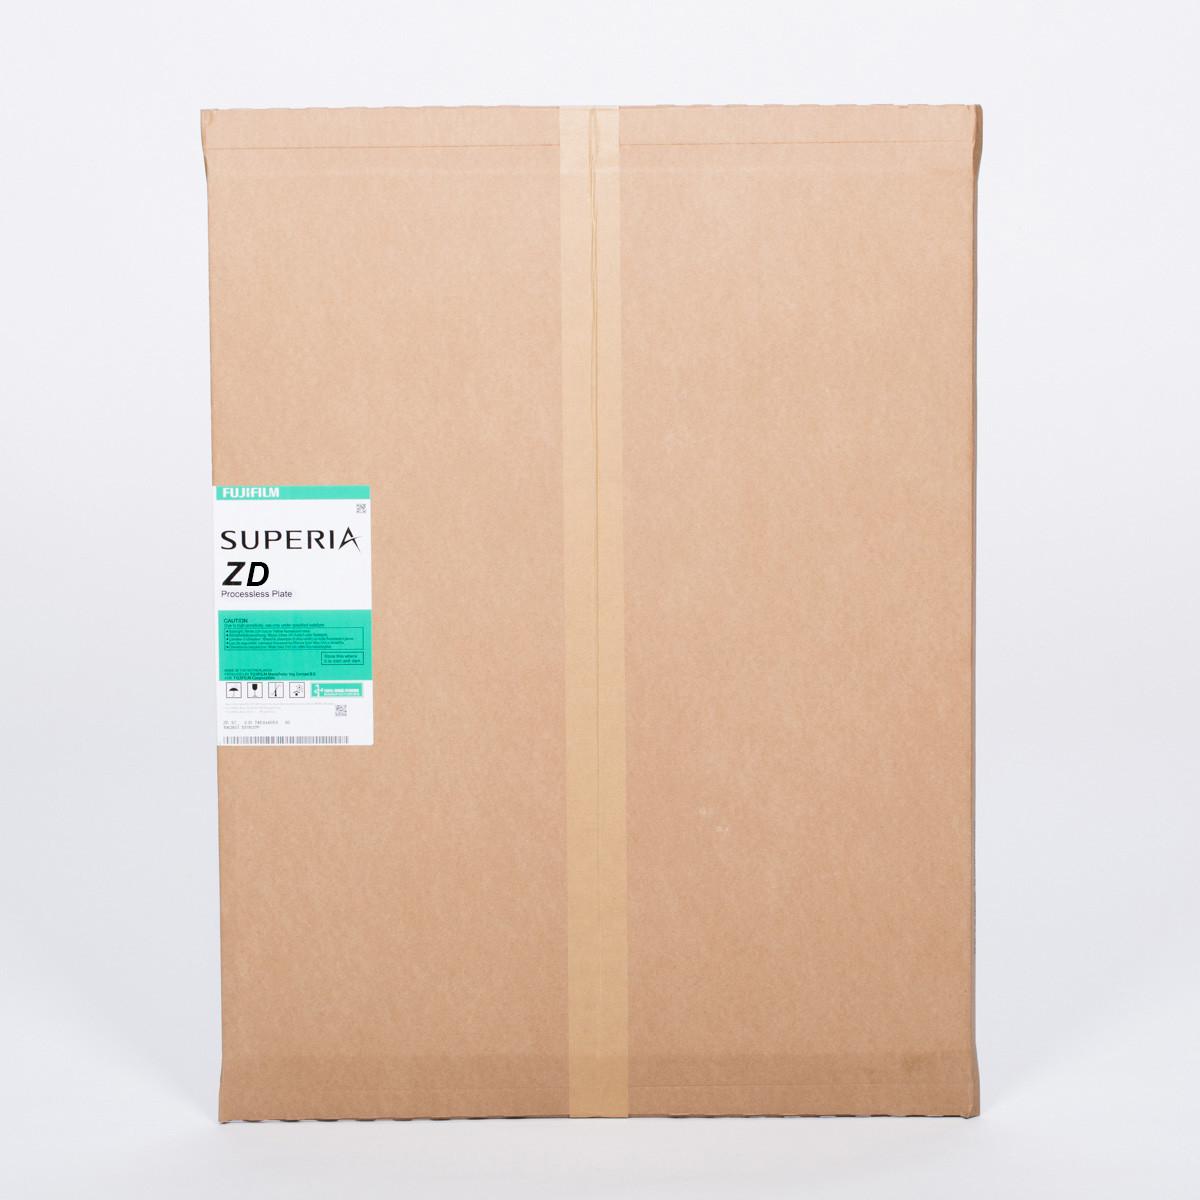 FUJI SUPERIA ZD ST 1030x790x0,30x30